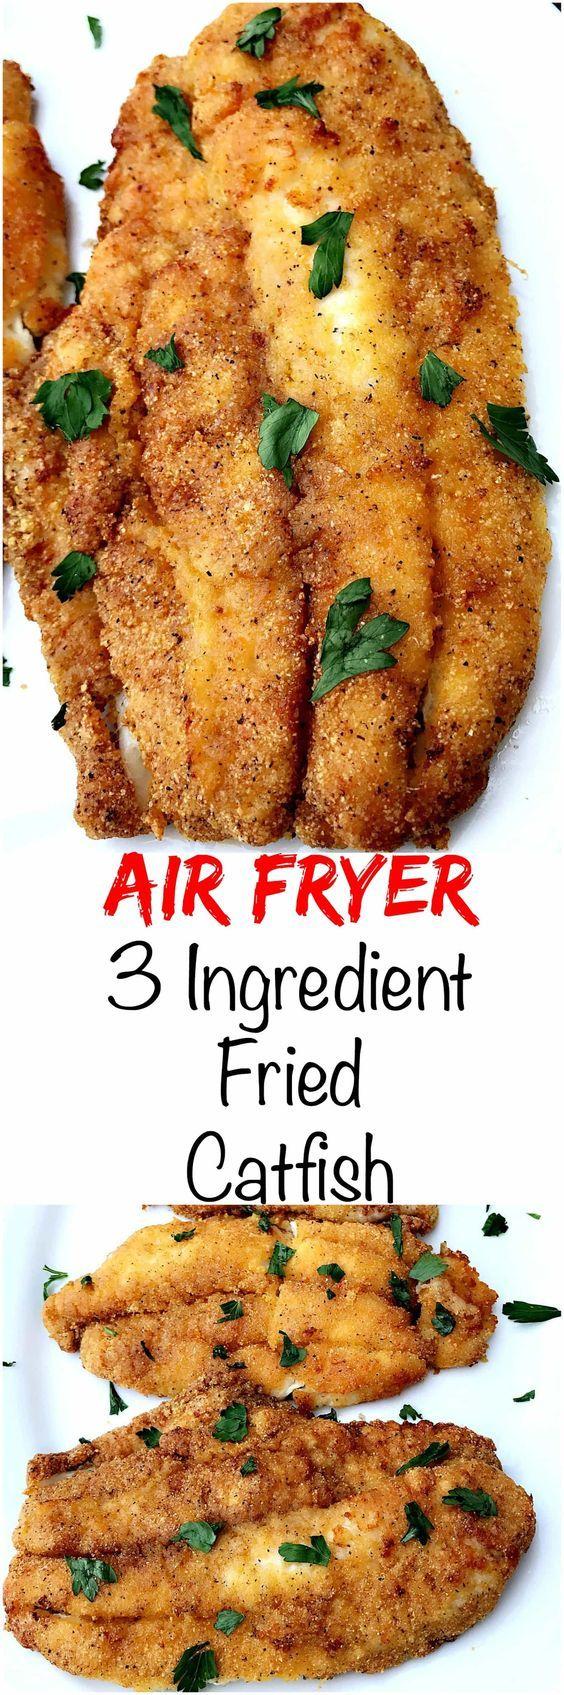 Low Carb Low Calorie Air Fryer Recipes